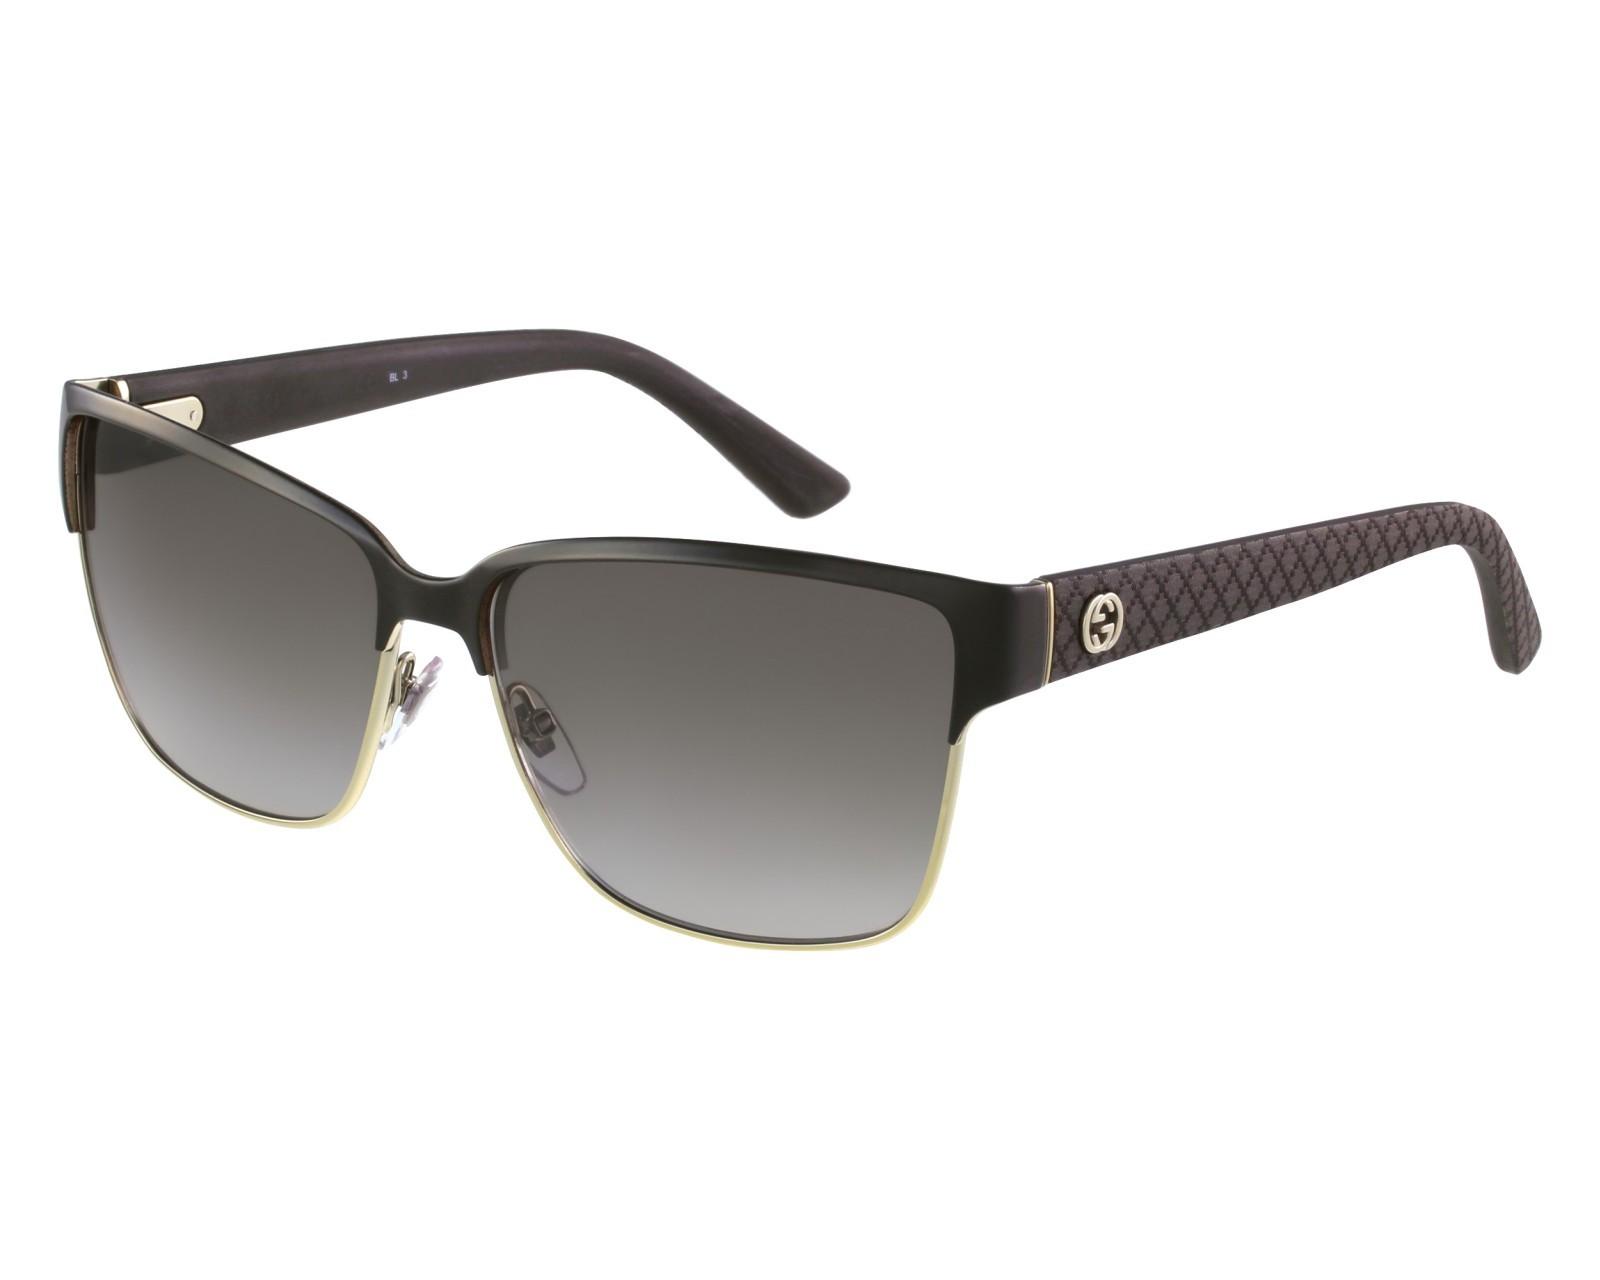 a56fc68b9c Γυαλιά Ηλίου Gucci GG 4263 S LOZHA